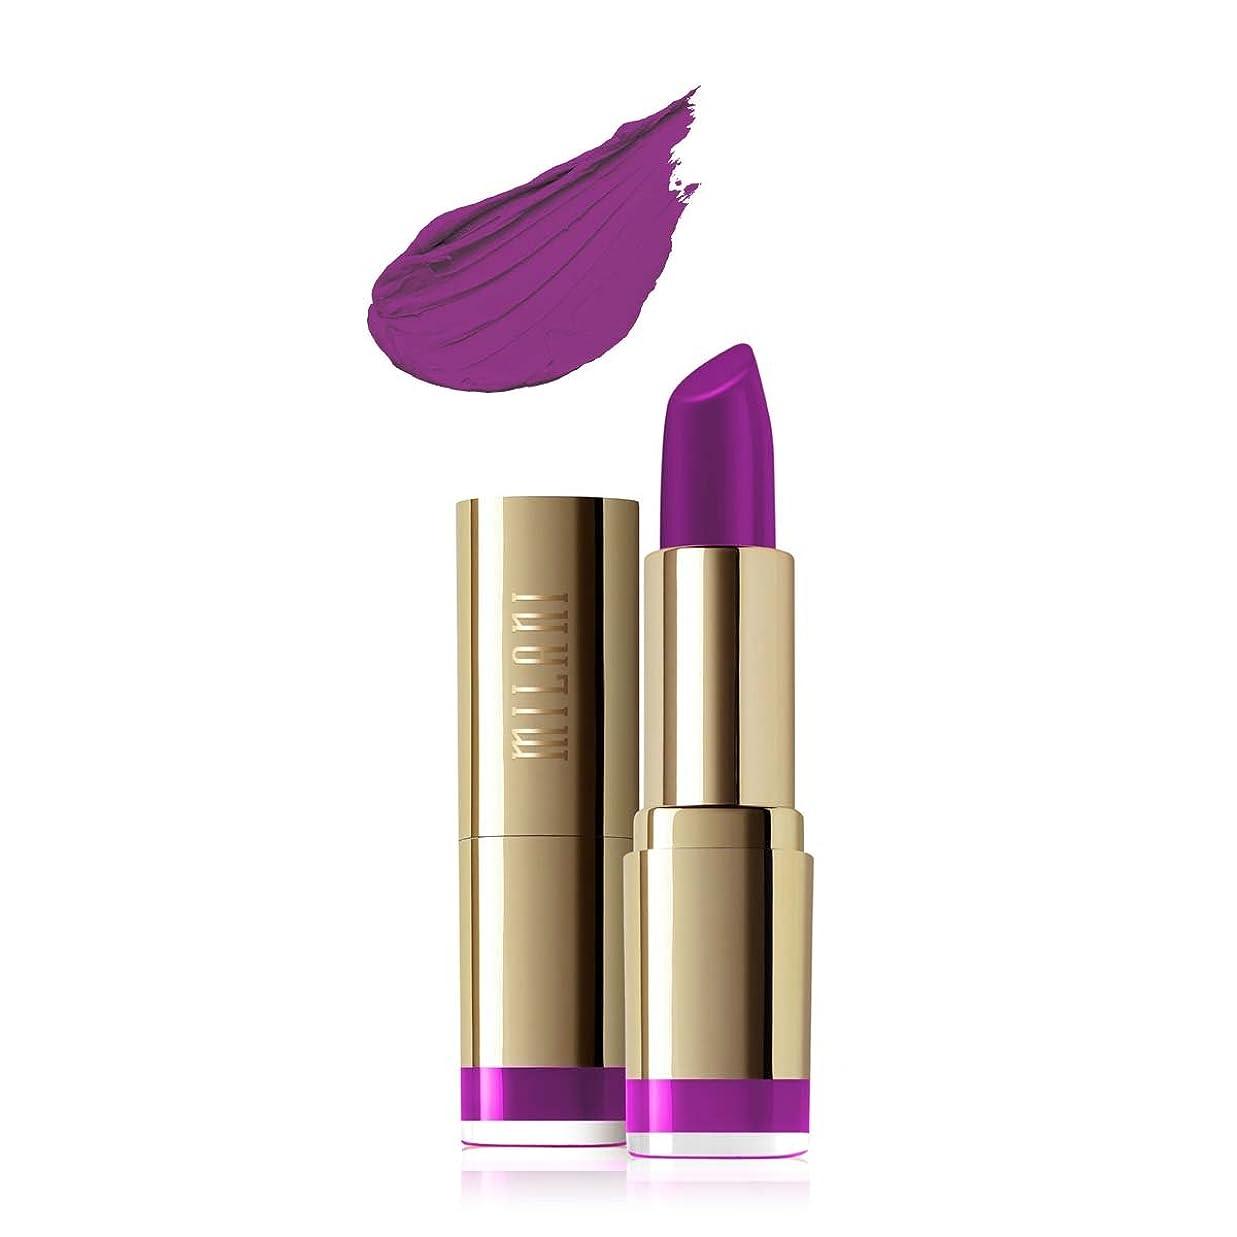 傑出したキリスト教撃退するMILANI Color Statement Moisture Matte Lipstick - Matte Glam (Vegan) (並行輸入品)